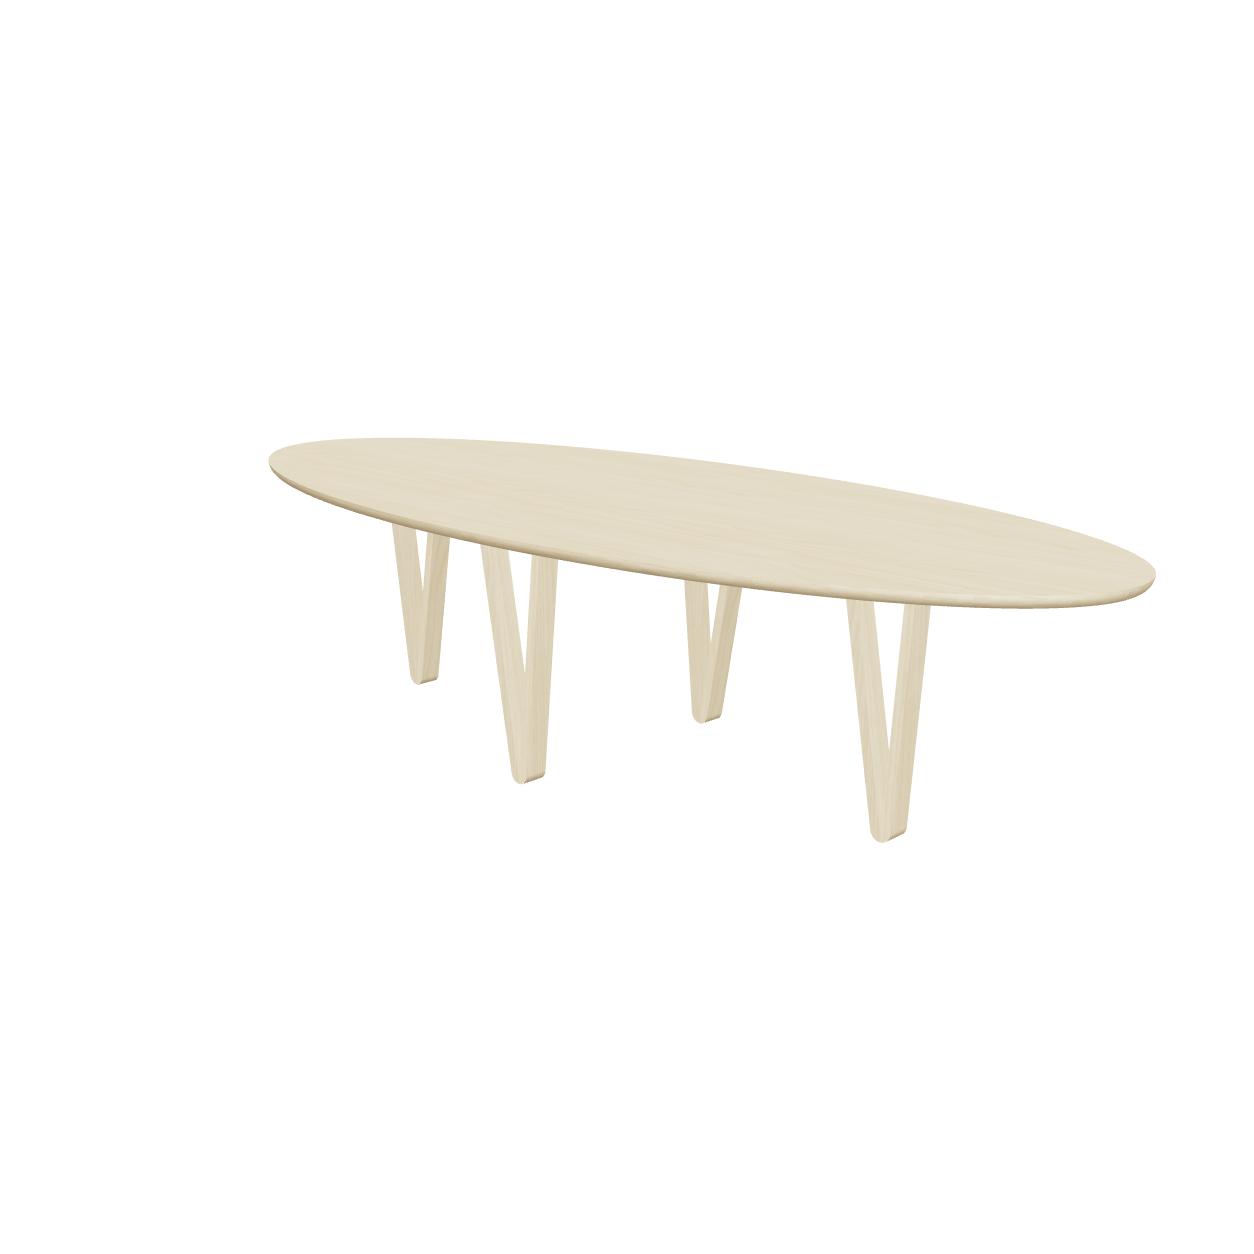 Binthout ovalen eettafel blanke poot